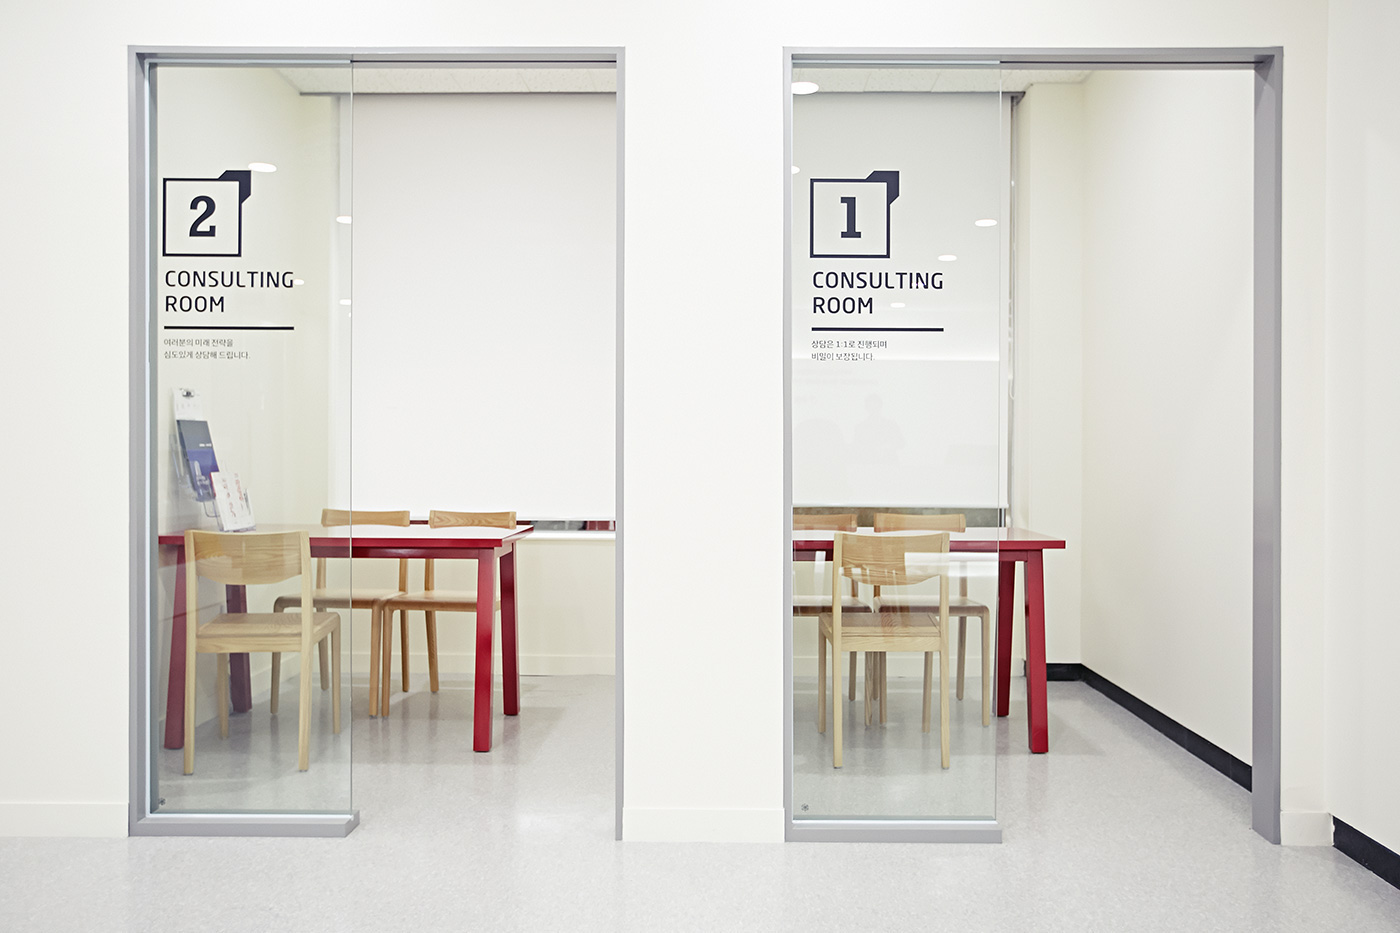 韩国skedu学院导视系统设计©ST.Unitas